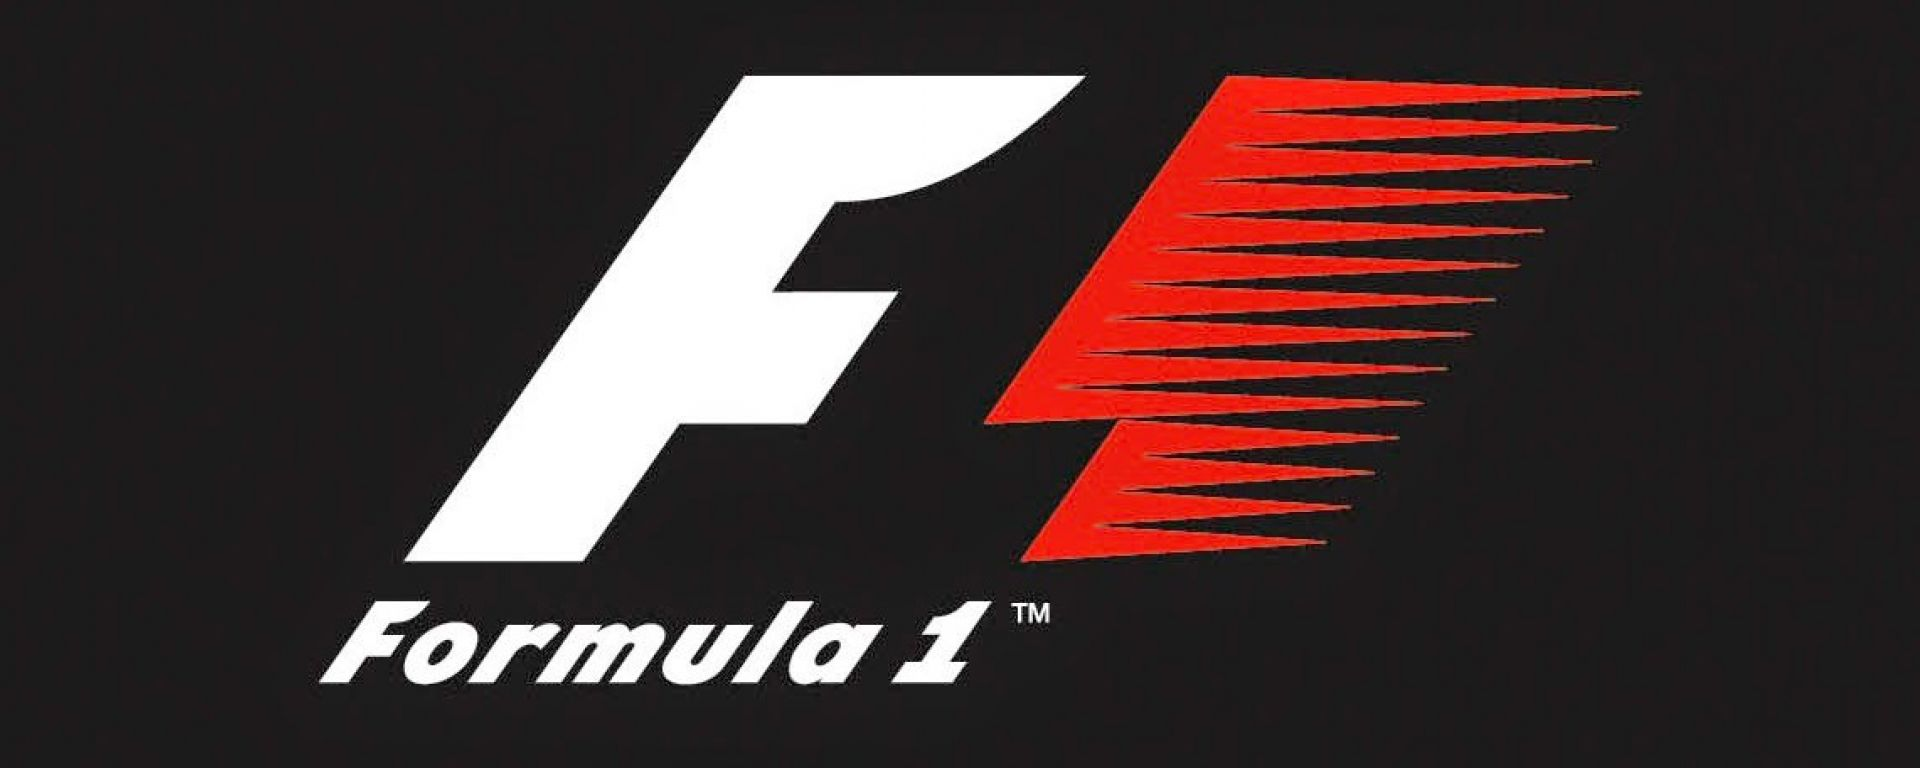 Calendario F1 2016: Circuiti, date e risultati